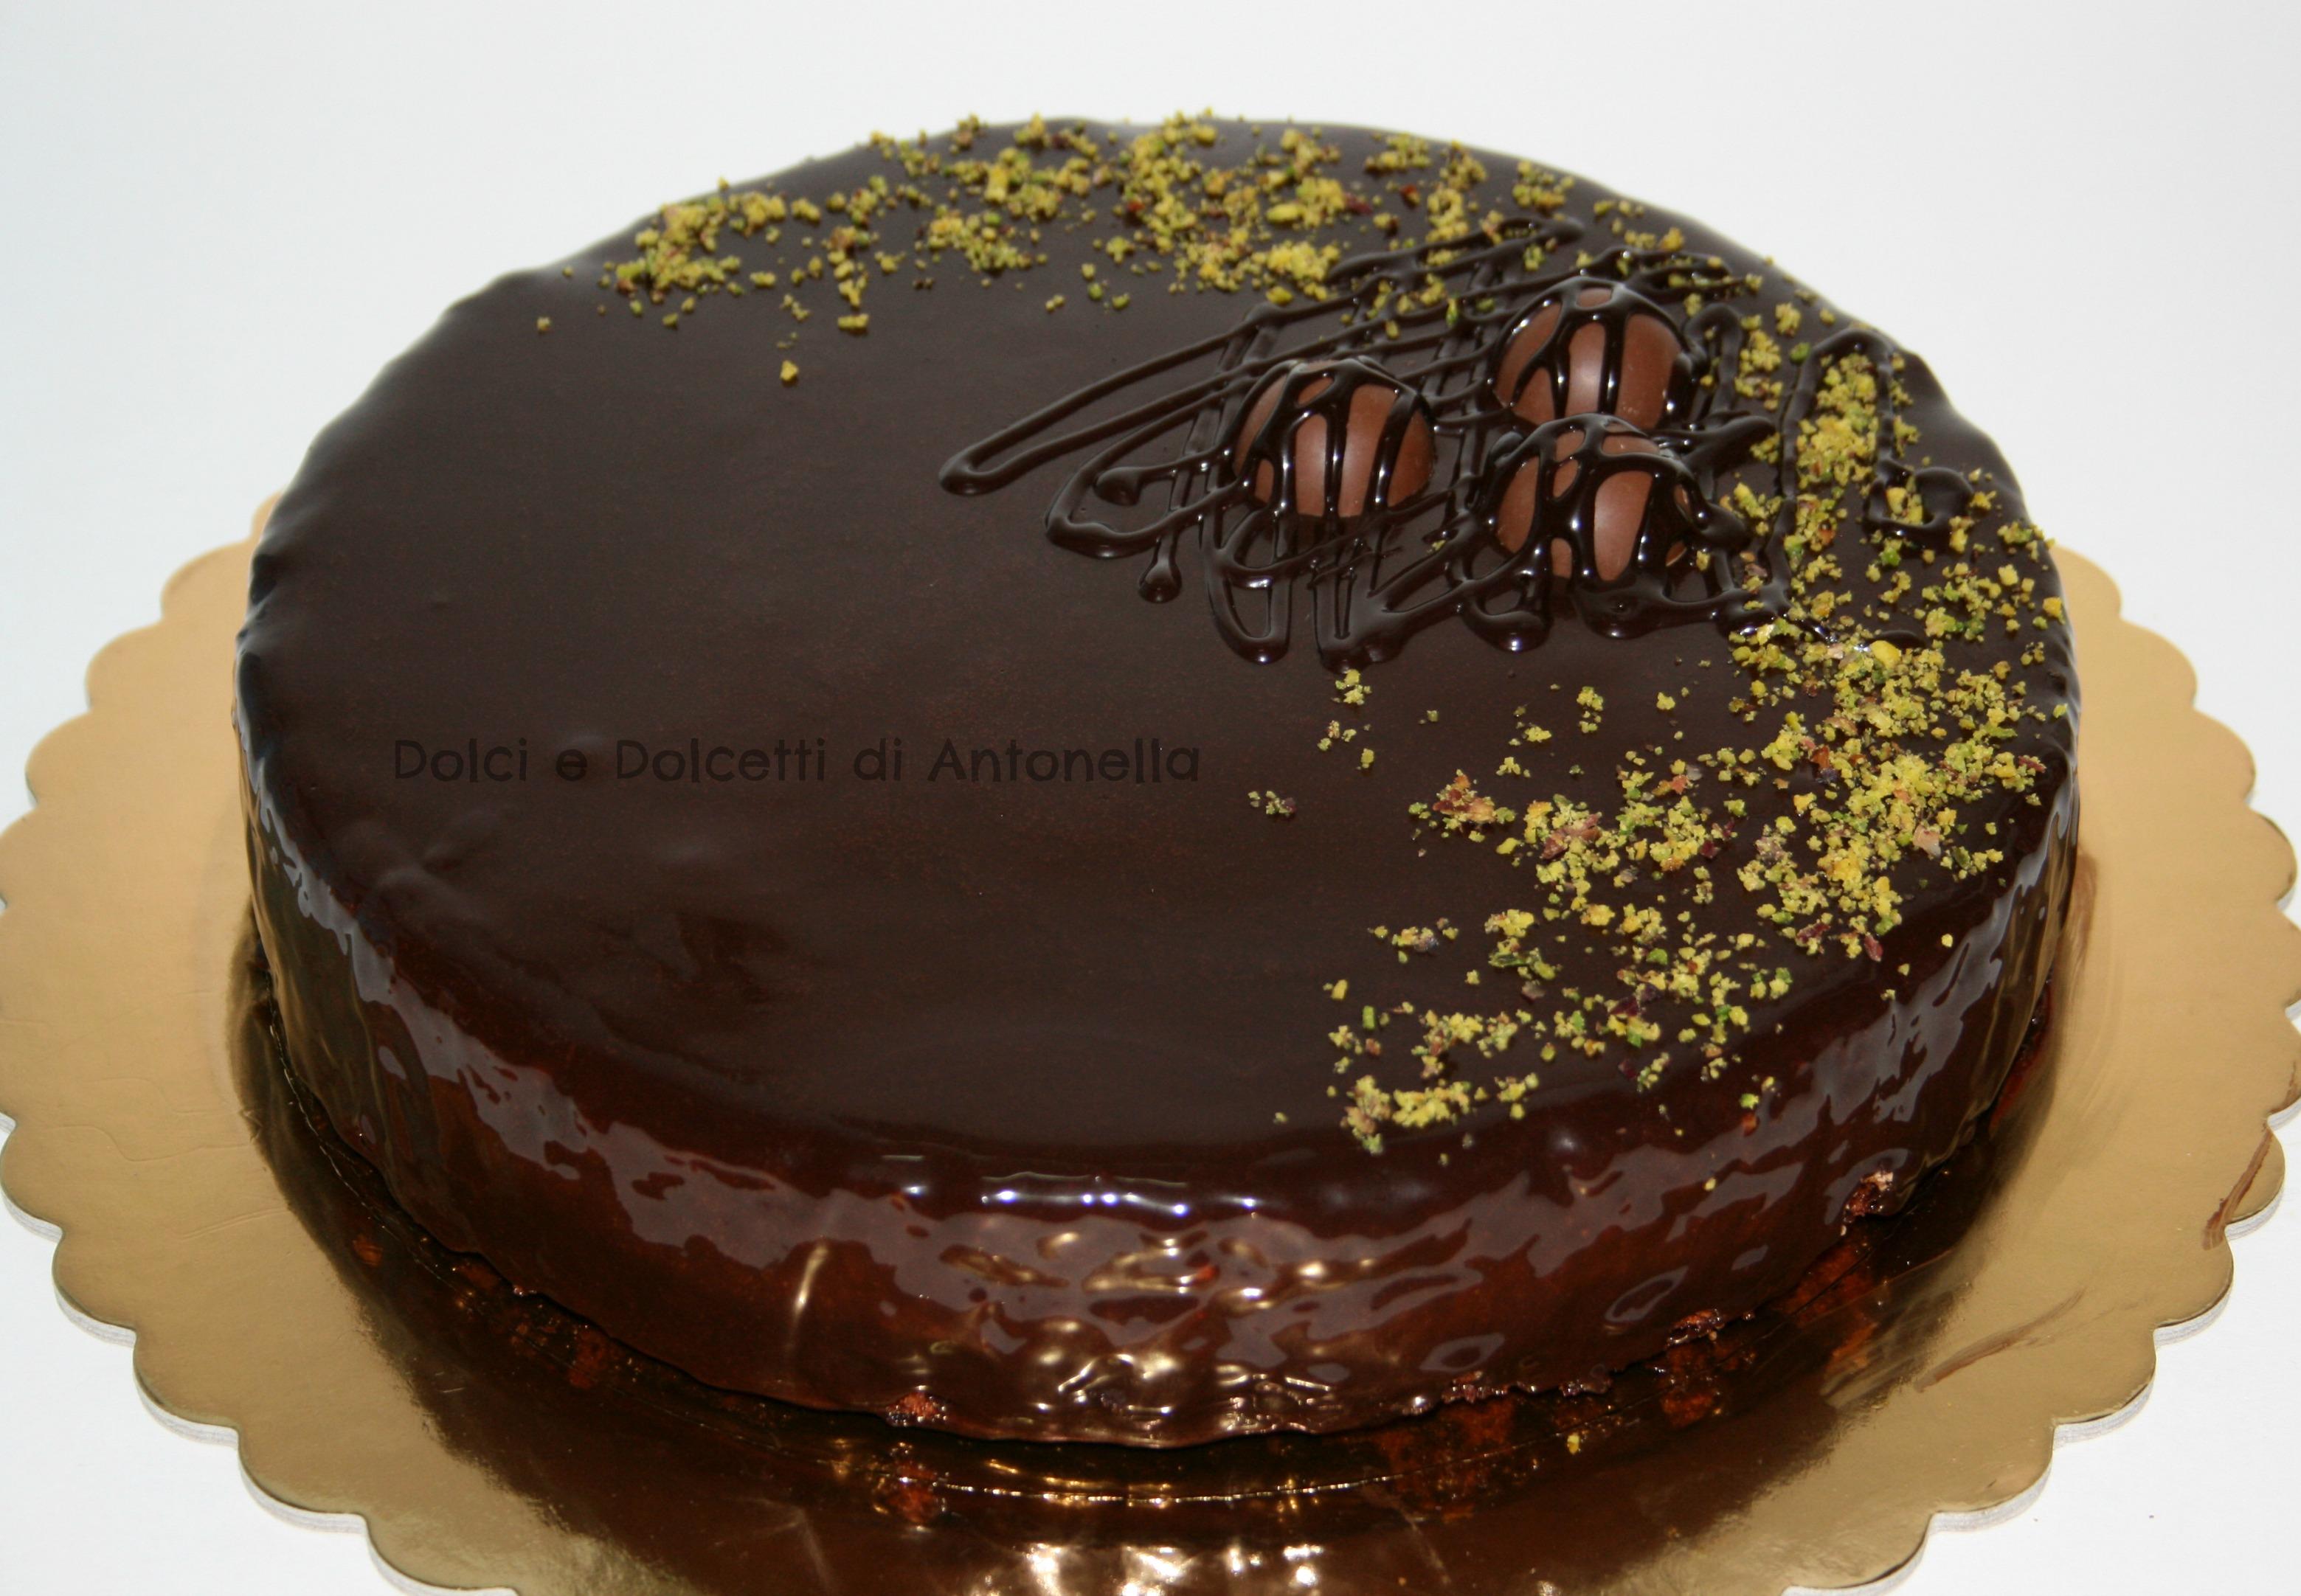 Glassa a specchio ricetta cioccolato dolci e dolcetti - Decorazioni torte con glassa ...